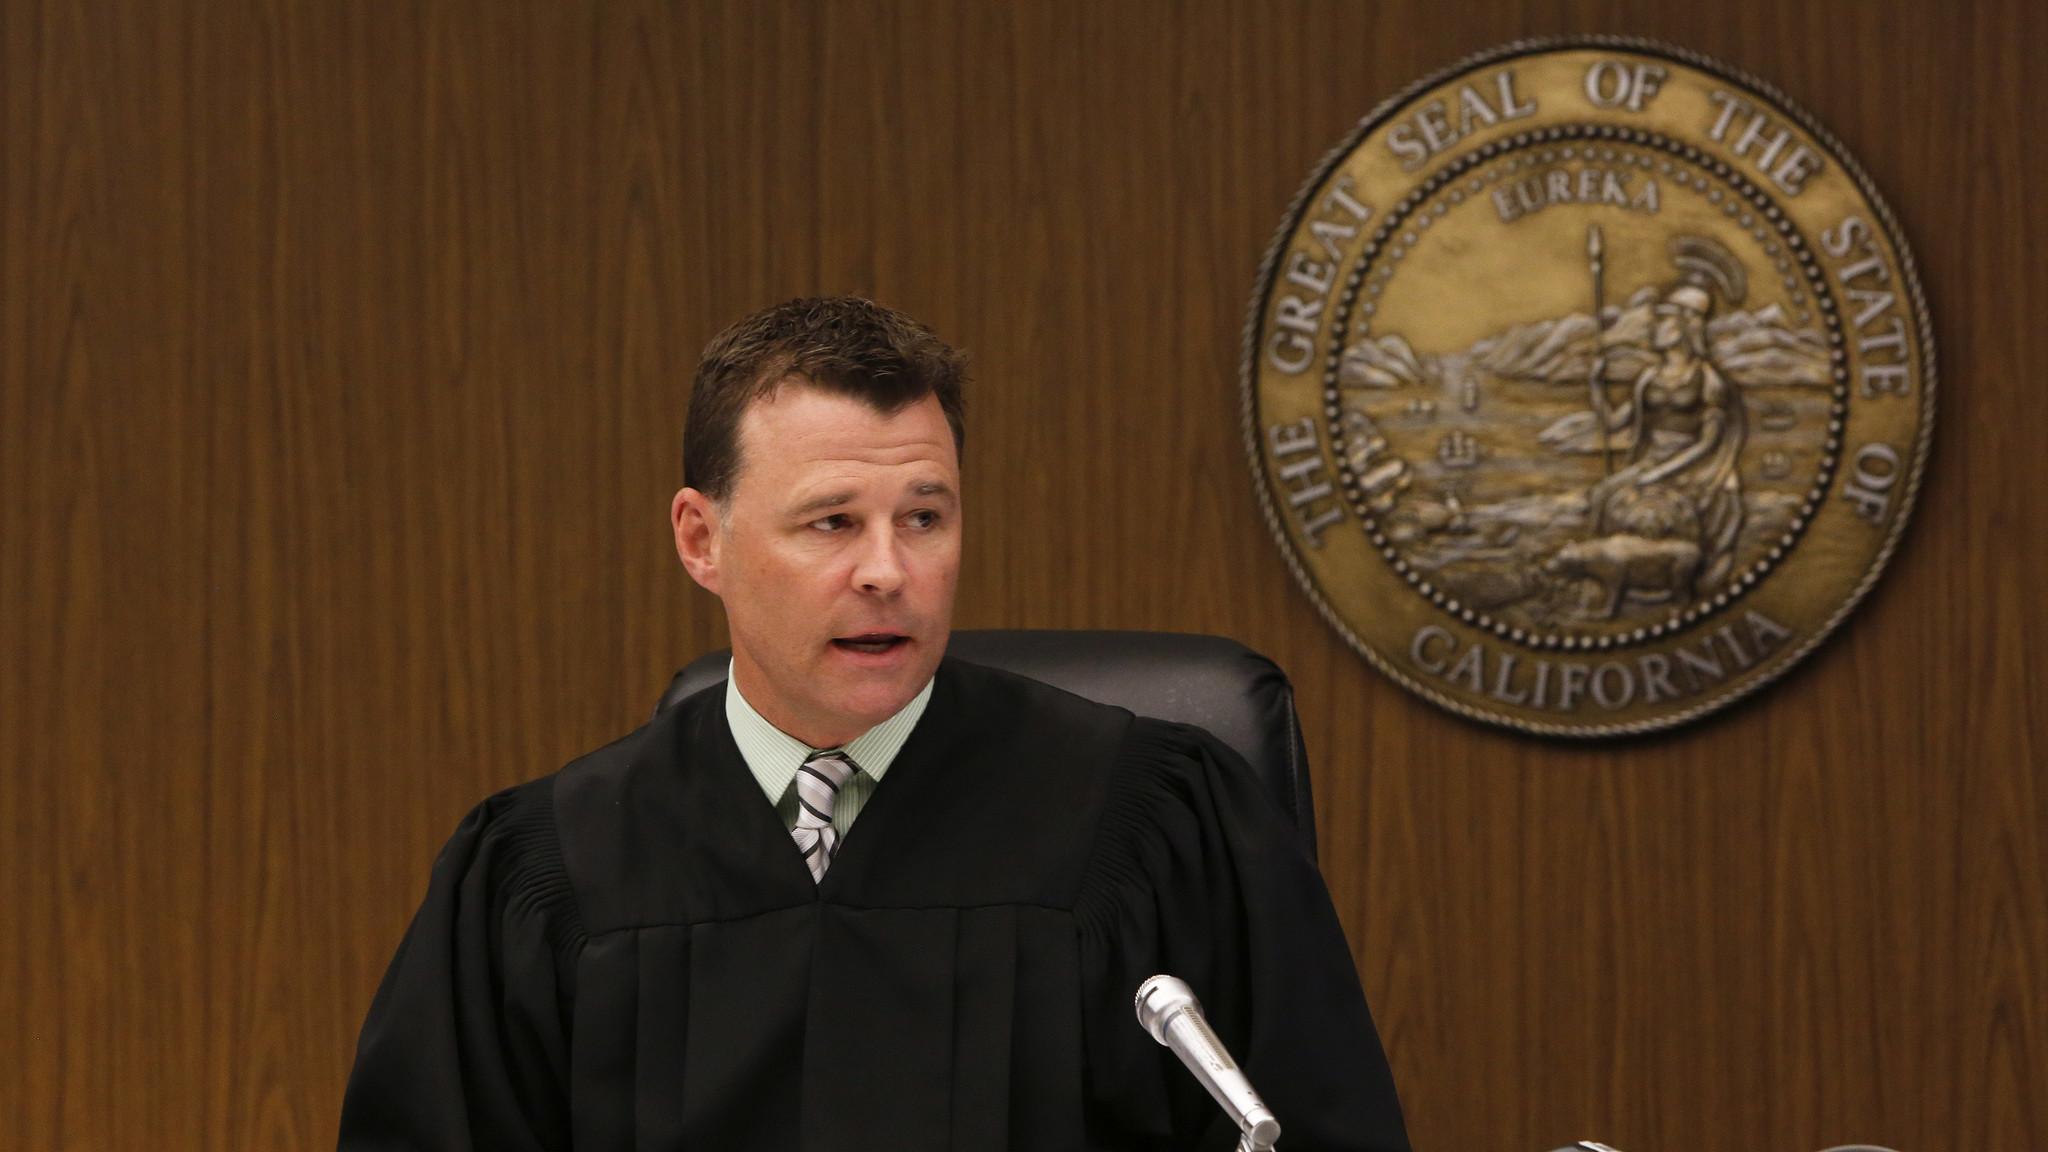 Superior Court Judge David Walgren